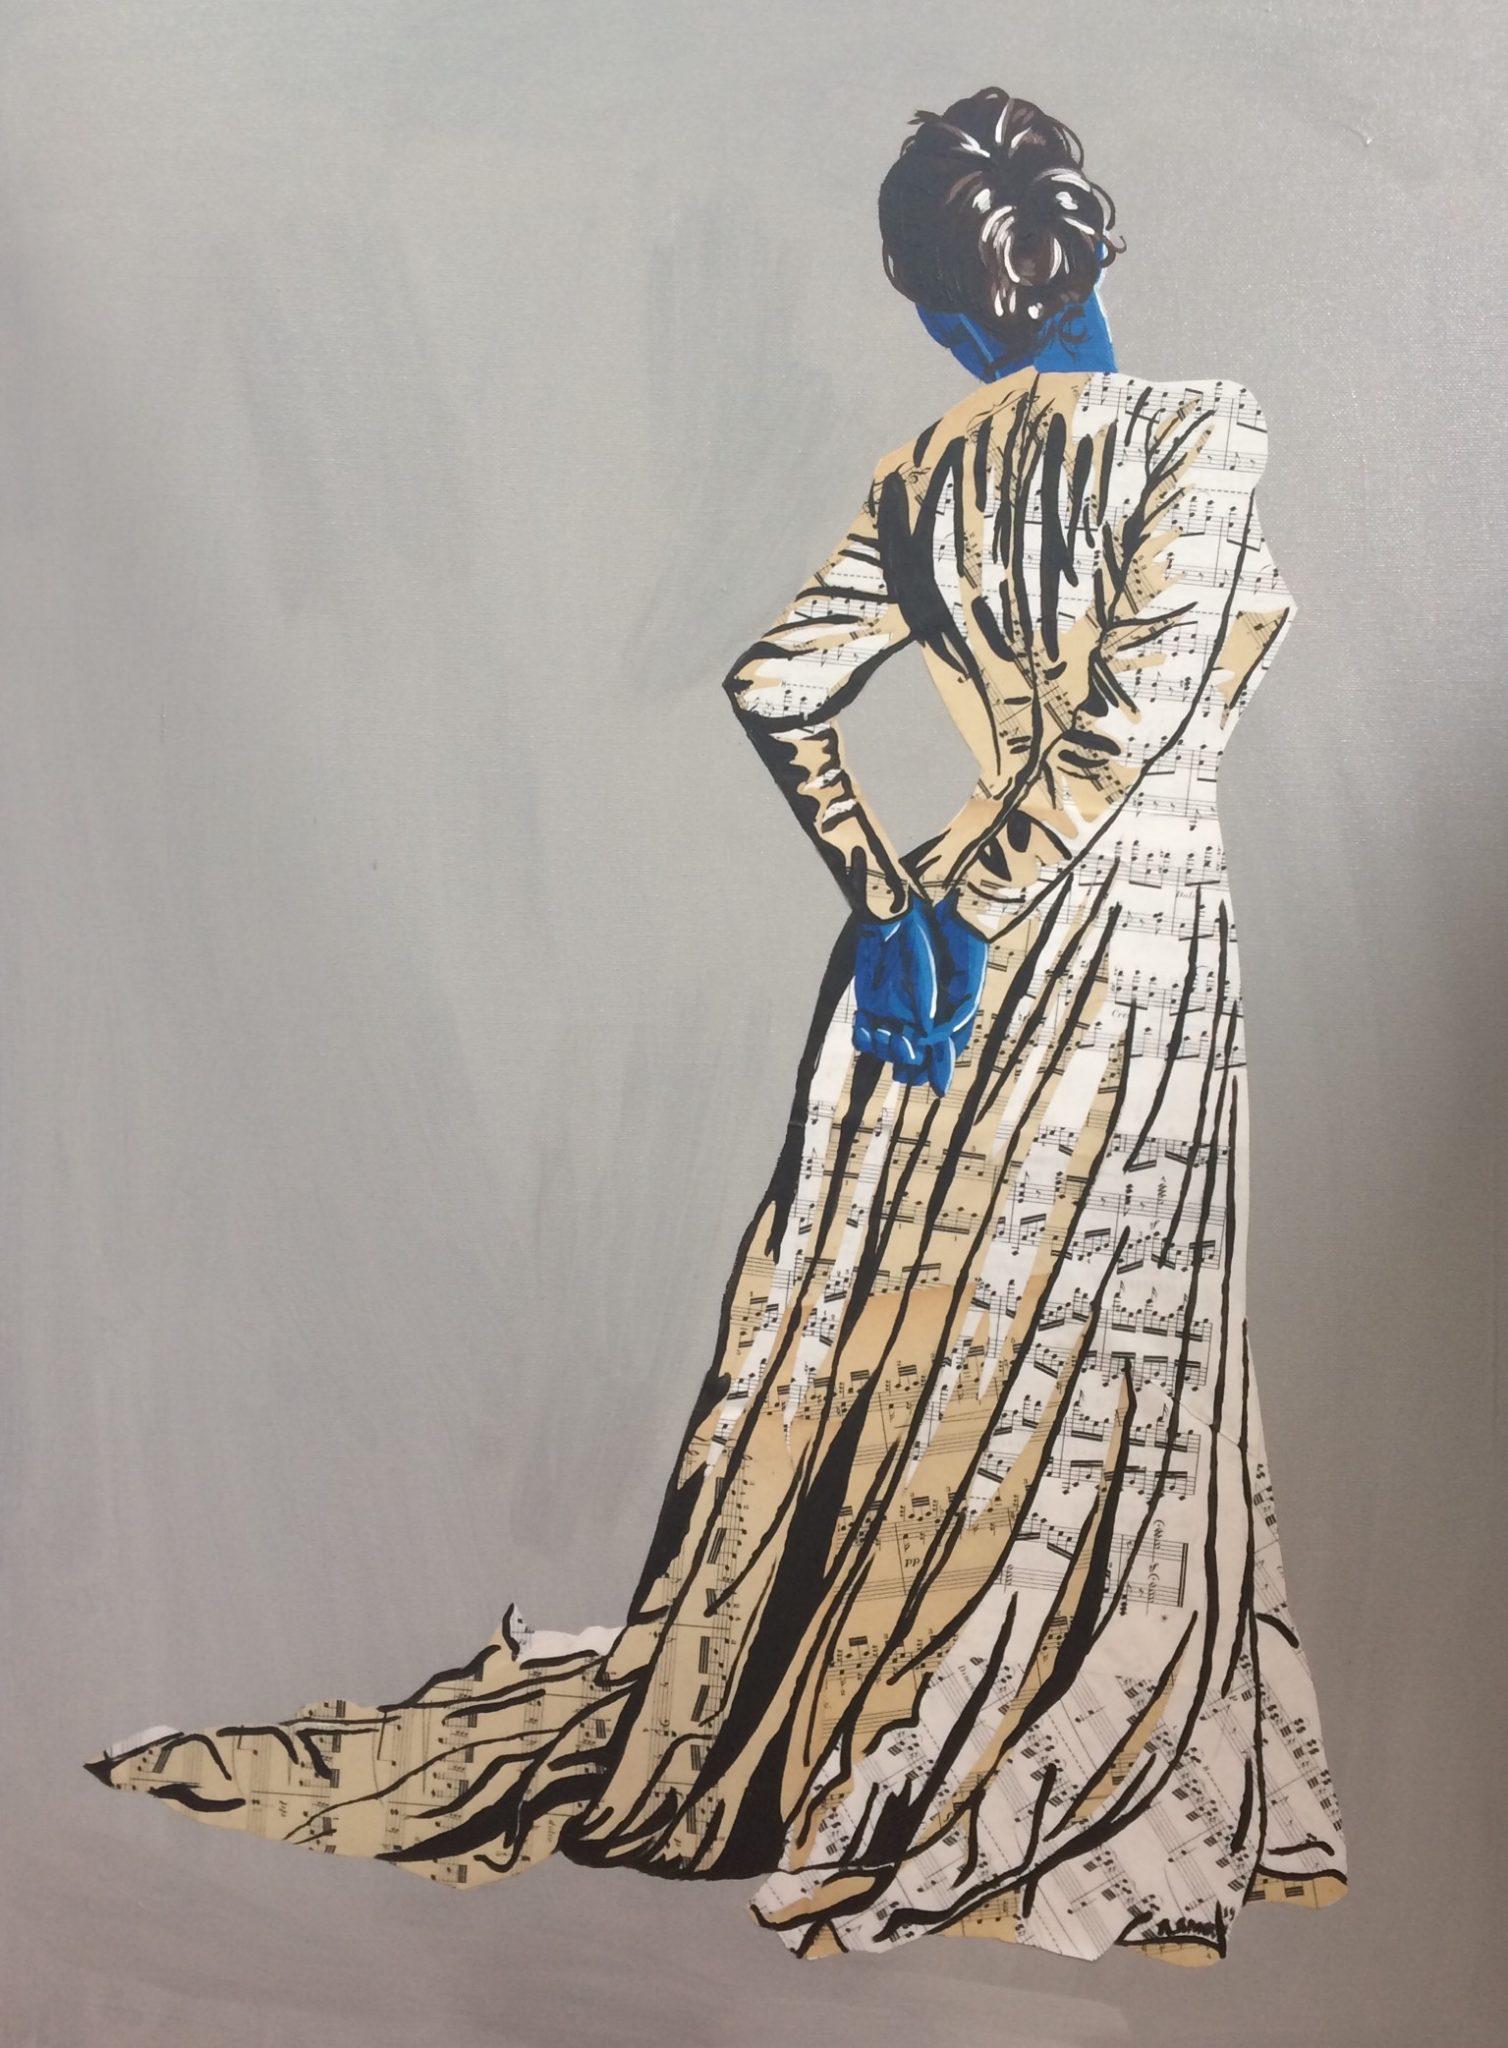 Jennifer (Vendue) 60 x 80 cm - 2019